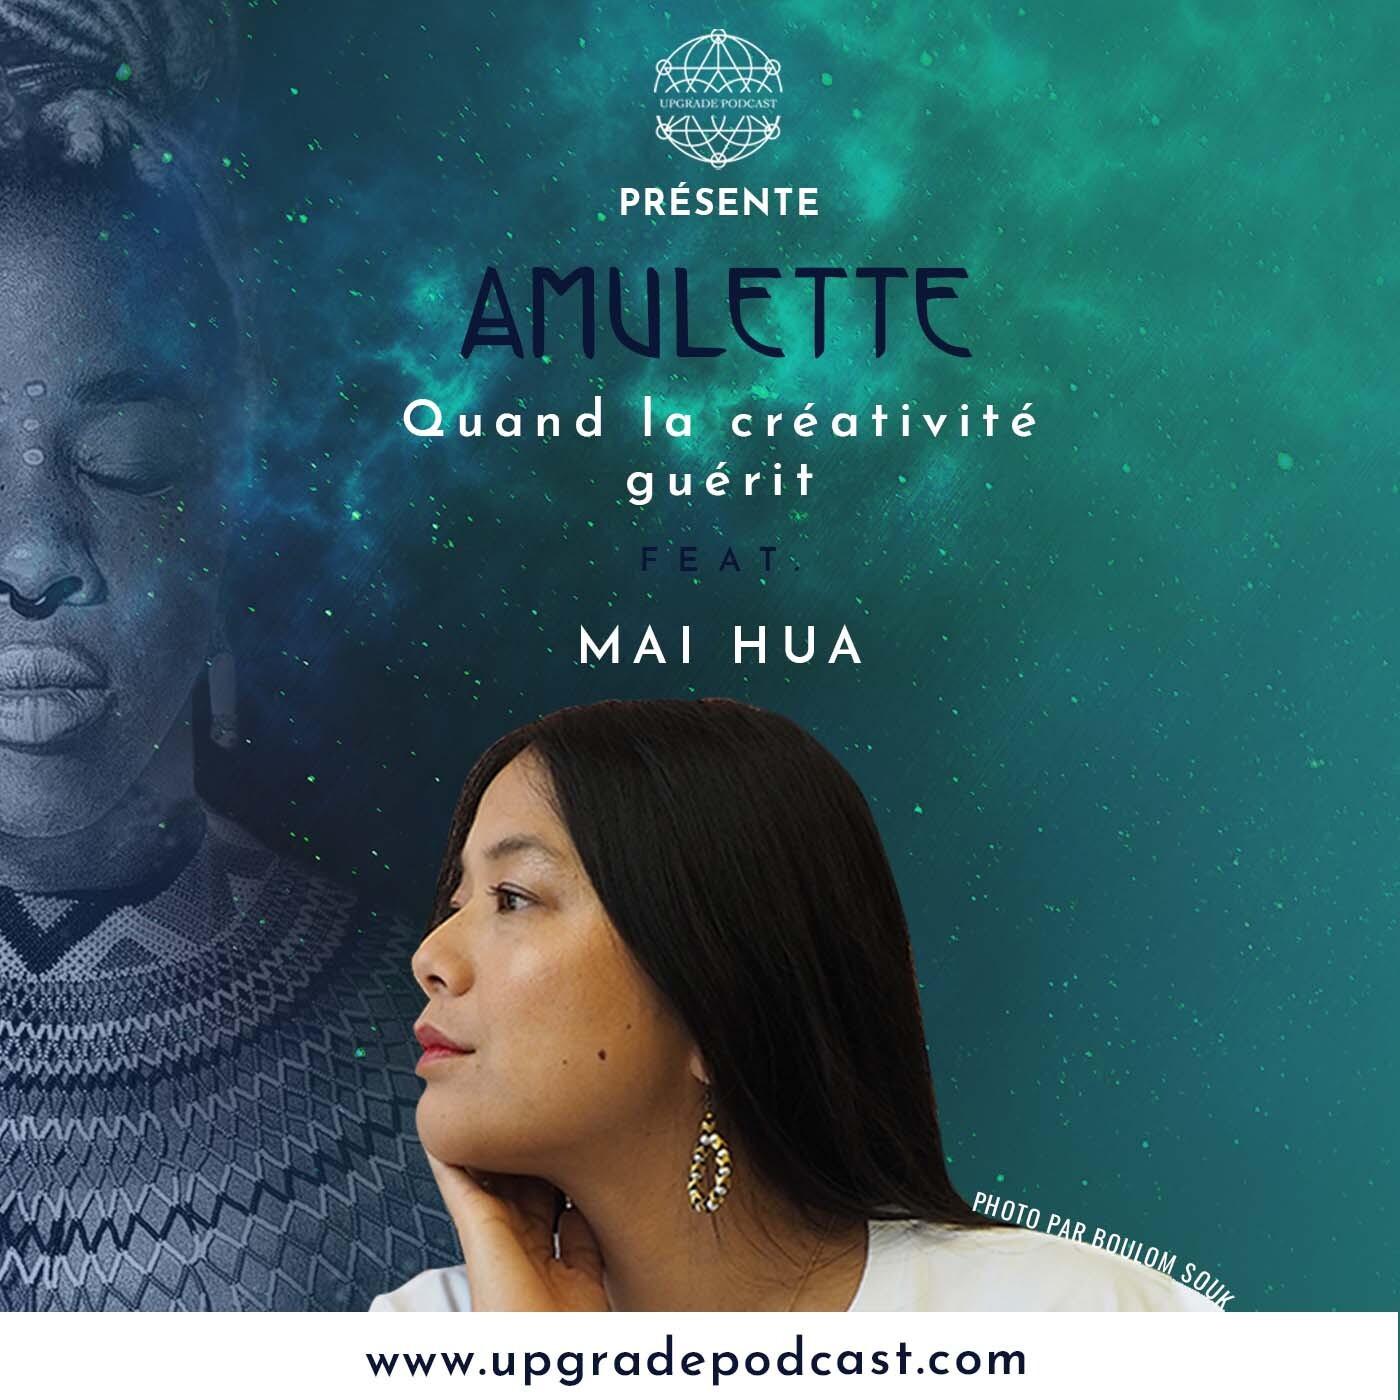 S02E4: Quand la créativité guérit avec Mai Hua - Amulette podcast